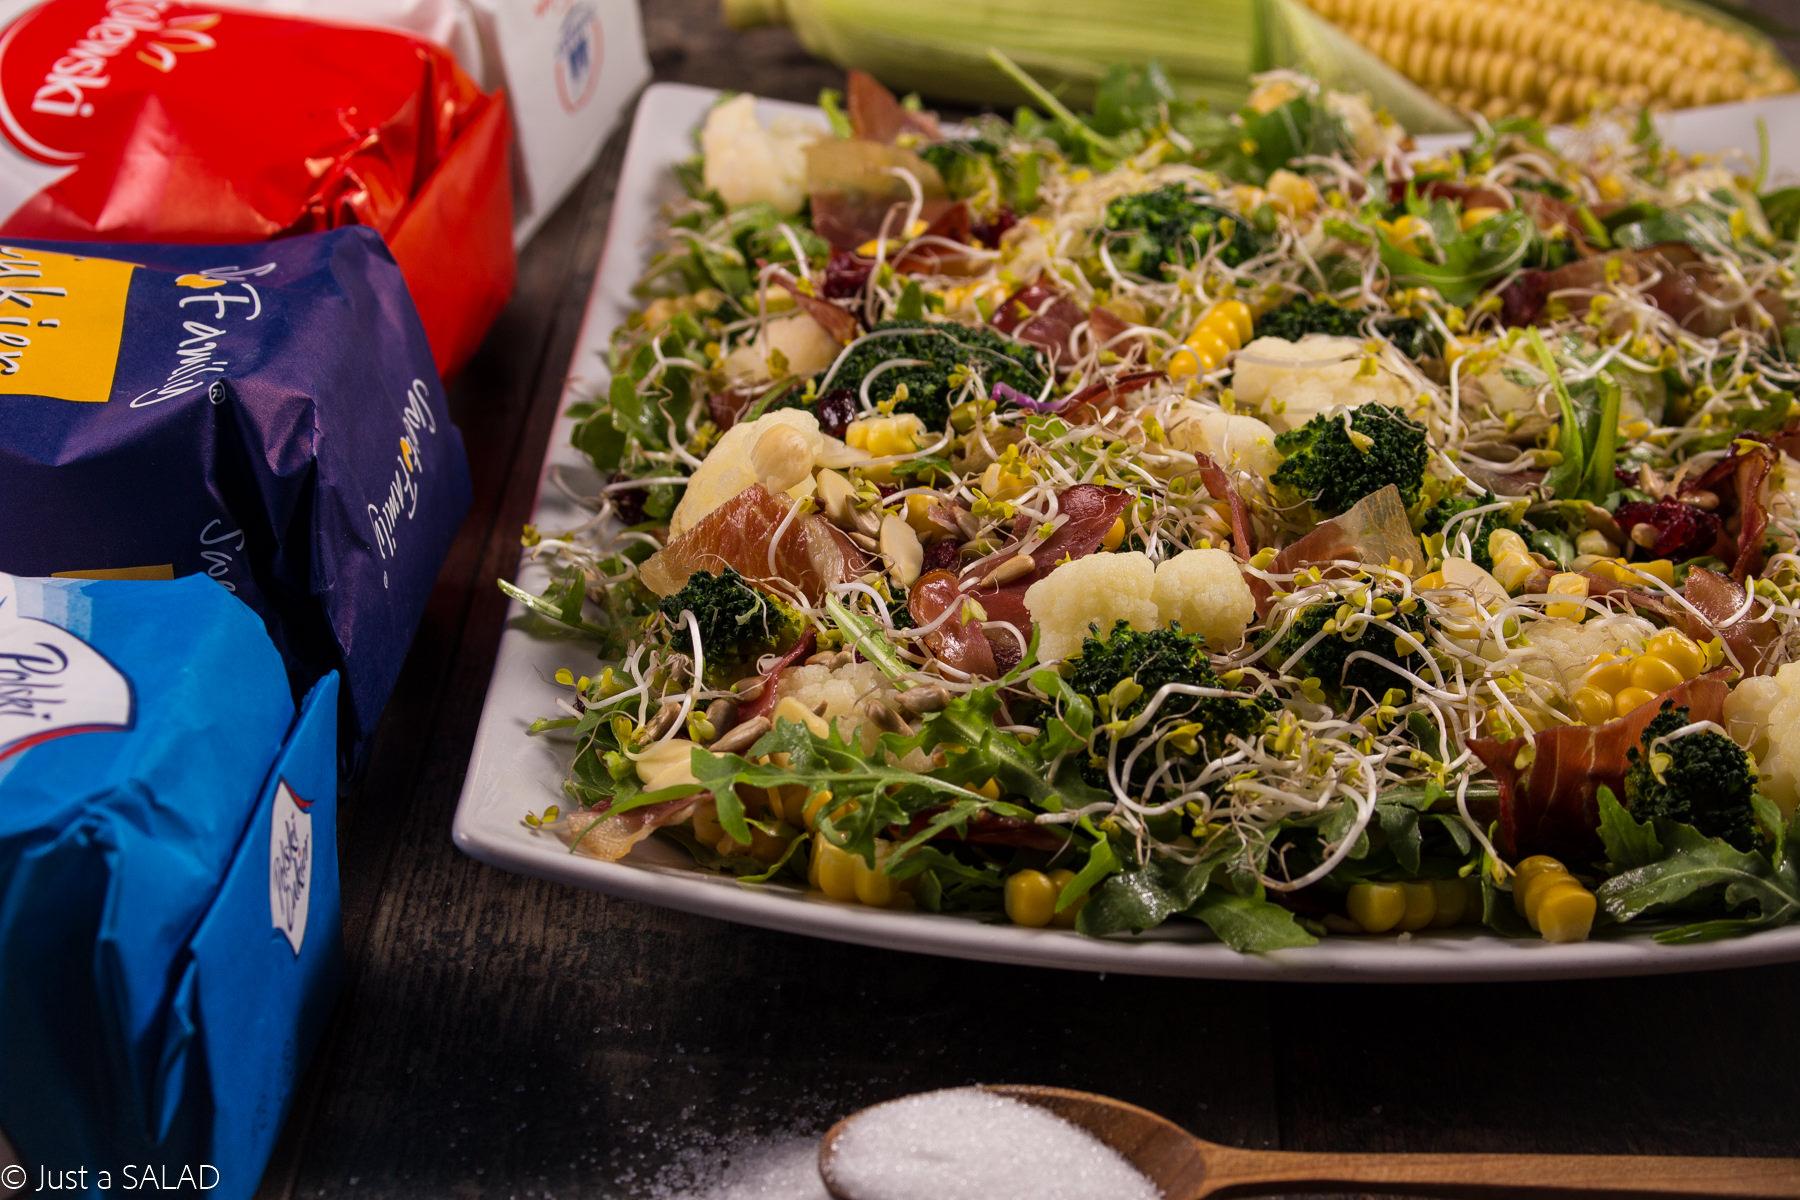 WARZYWA Z CUKREM. Sałatka z brokułami, kalafiorem, kukurydzą, chipsami z szynki parmeńskiej i bakaliami.